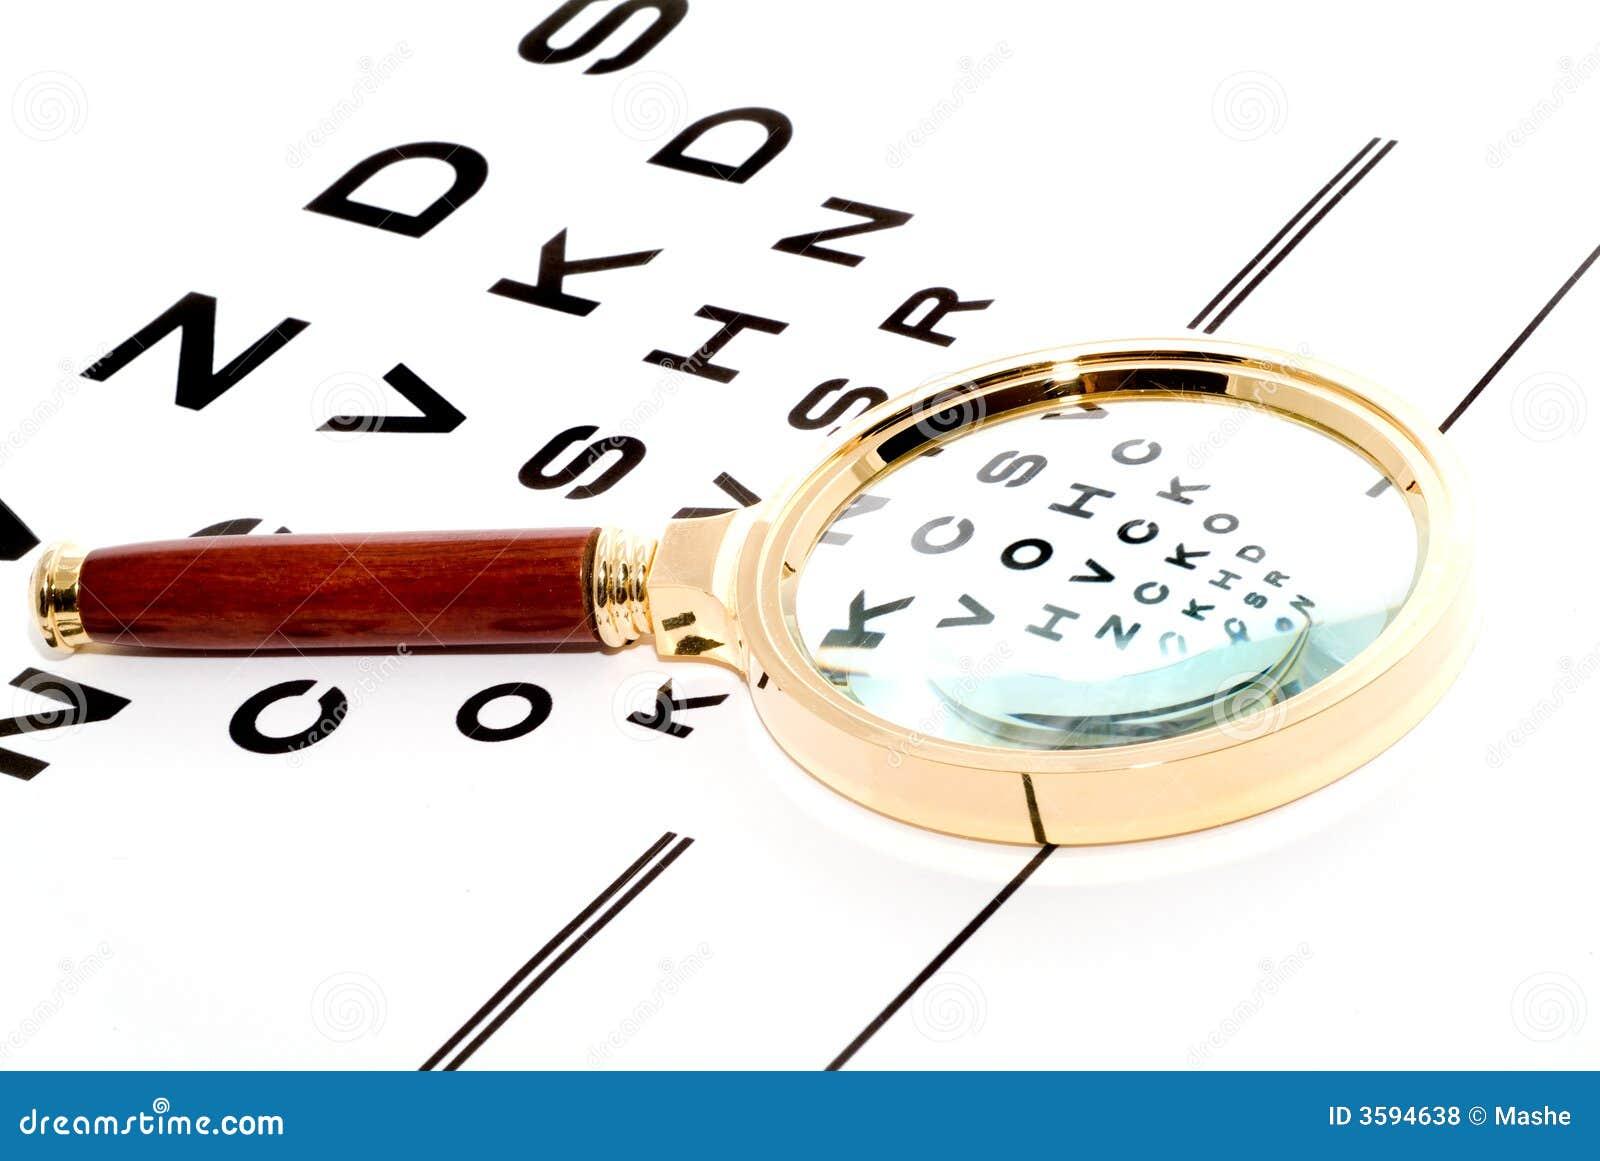 Carta através de um magnifier.